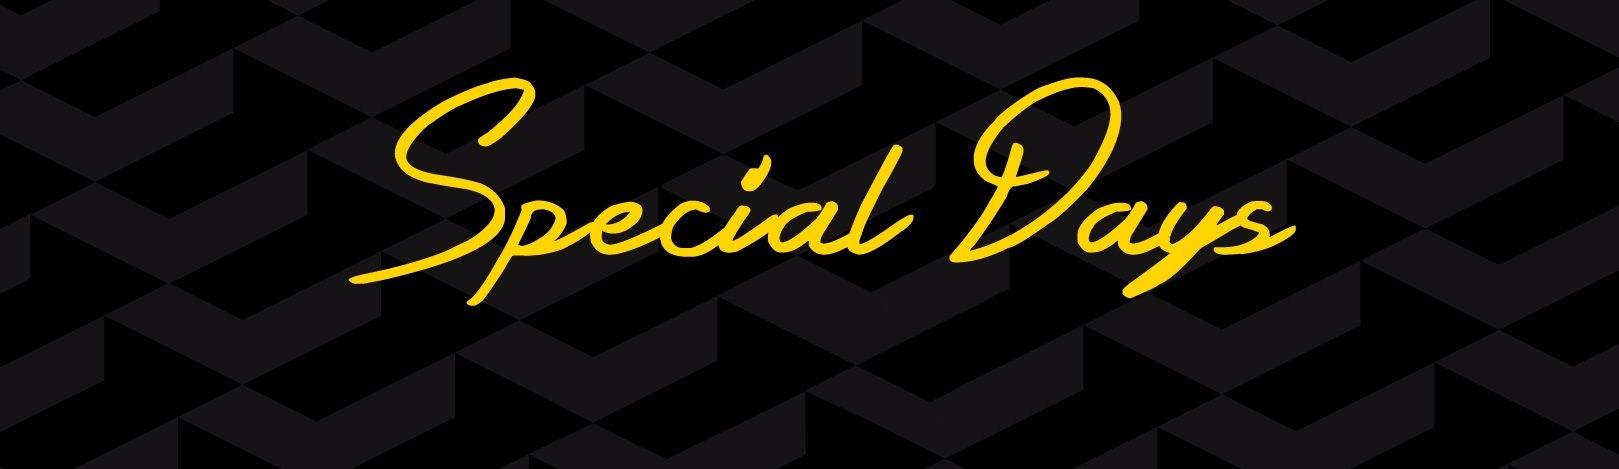 https://specialdays-renault.promo-dealer.com/